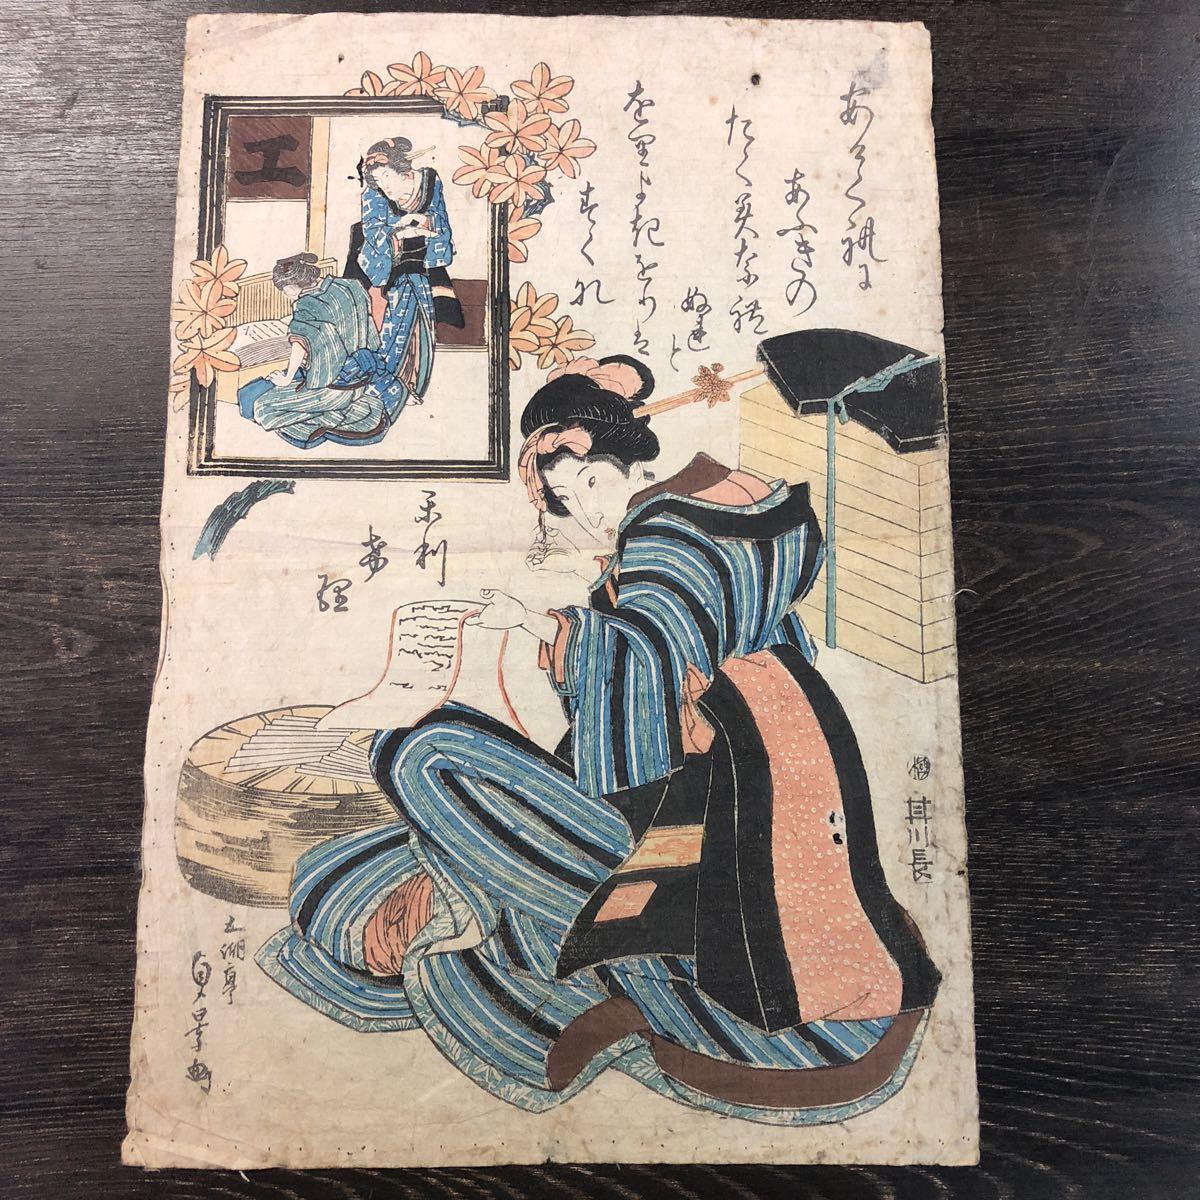 江戸版画 美人画 美人画 売買されたオークション情報 Yahooの商品